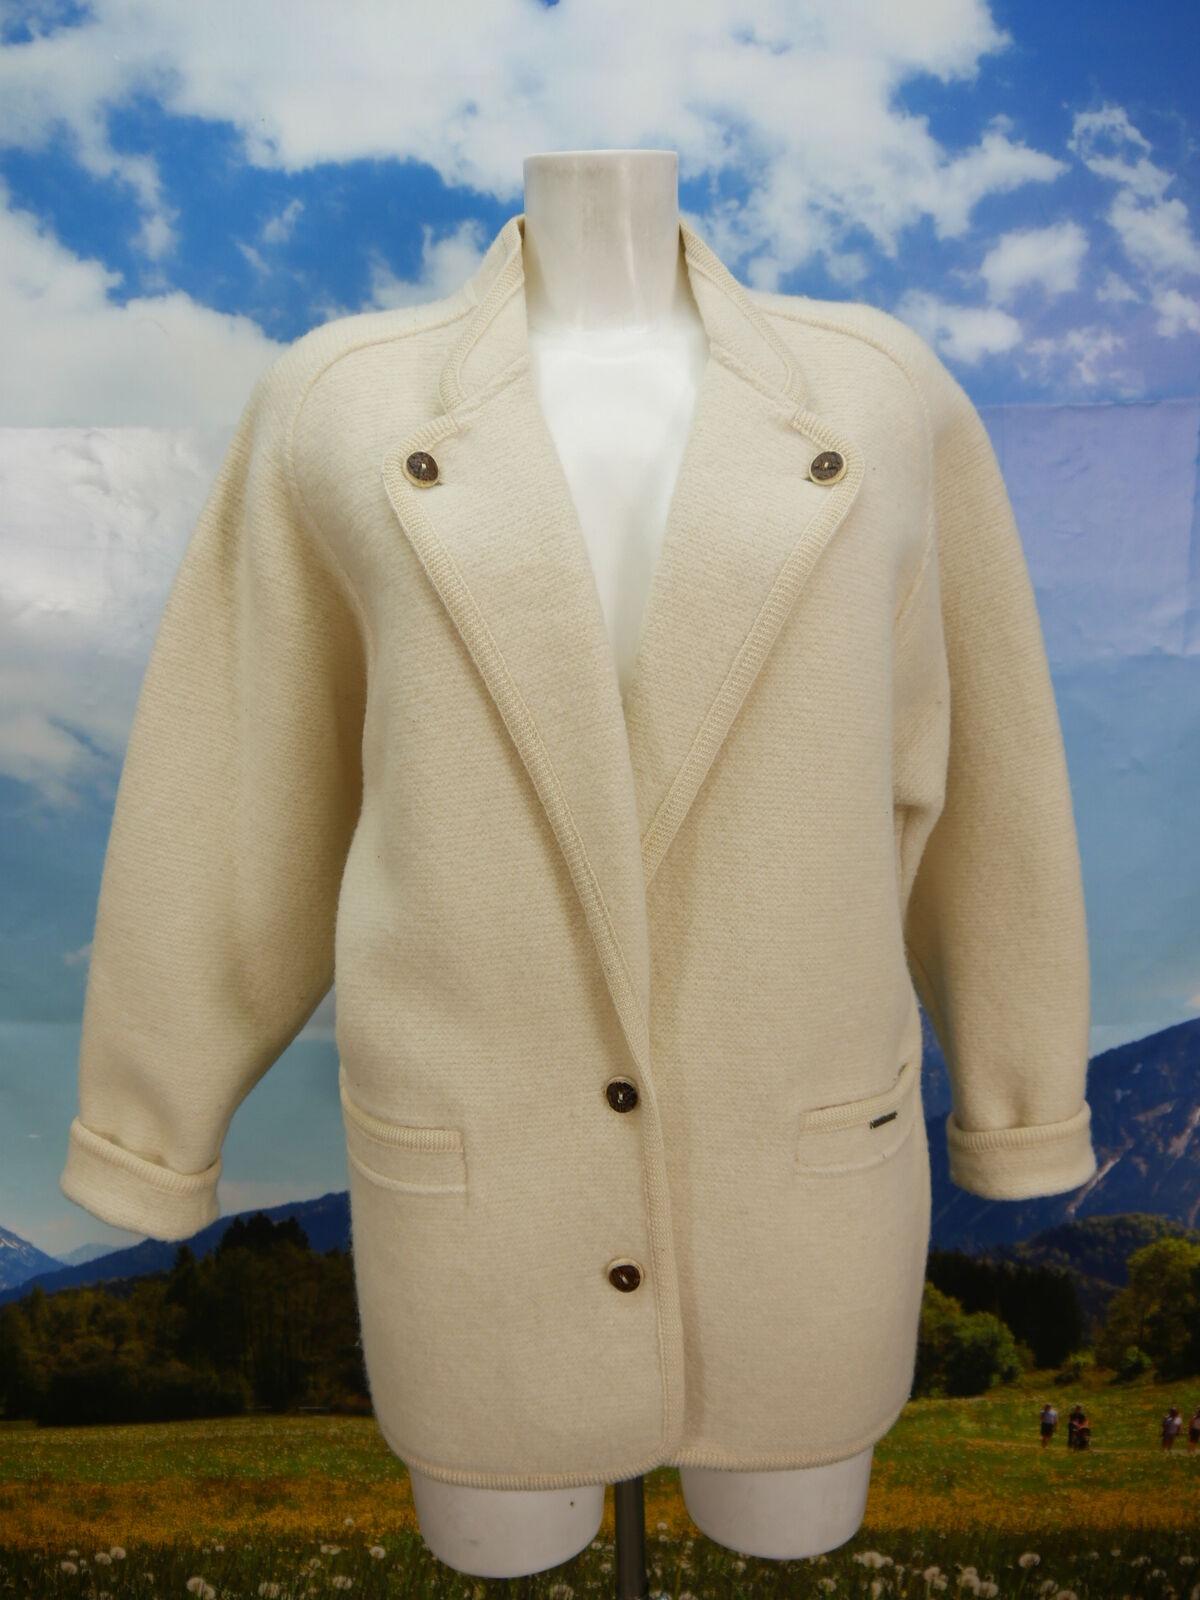 Geiger mit überschnittener Schulter Walkjacke weiß Trachtenjacke Jacke Gr.38